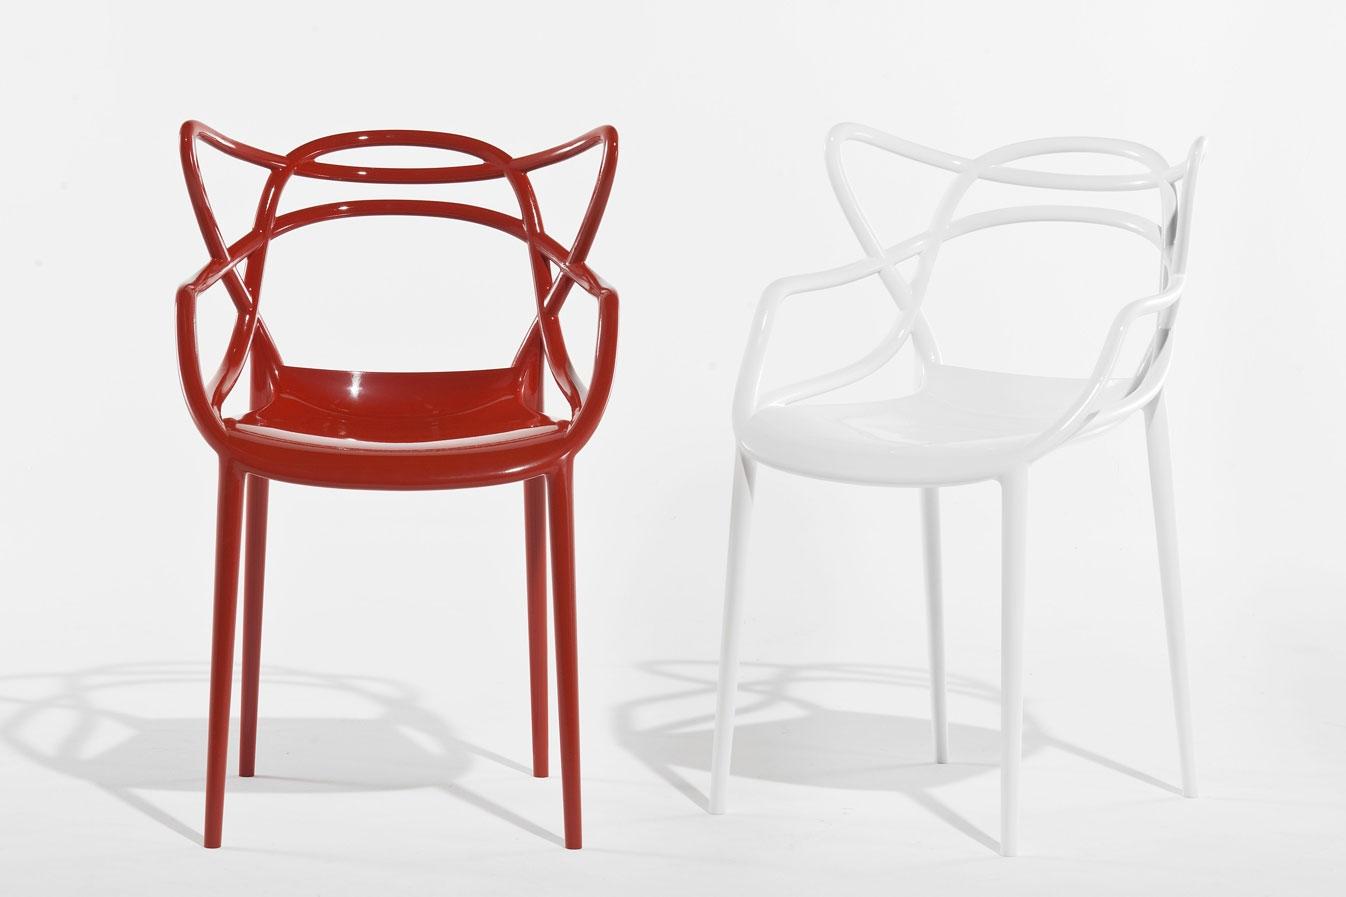 Sedia Design Masters Kartell: Take tabel lamp by ferruccio laviani ...